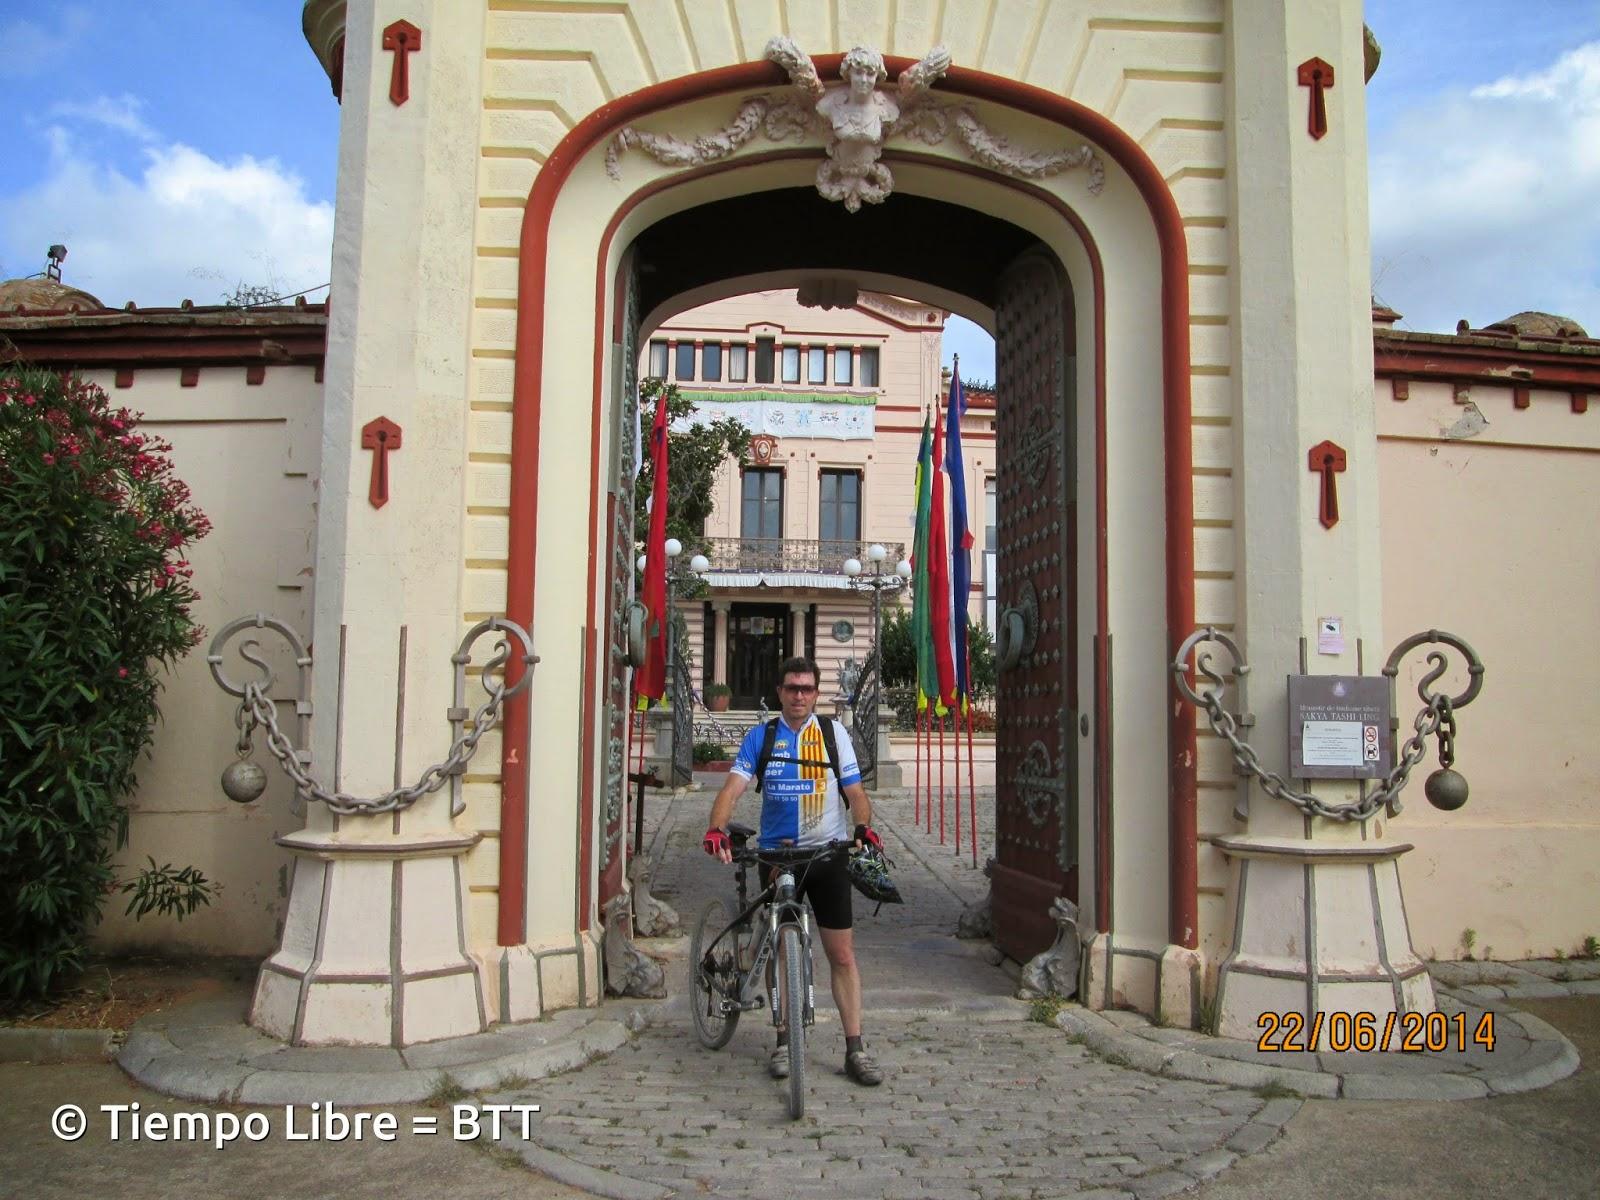 Tiempo libre btt gav begues monasterio budista del garraf ermita de la trinidad - Temperatura en begues ...